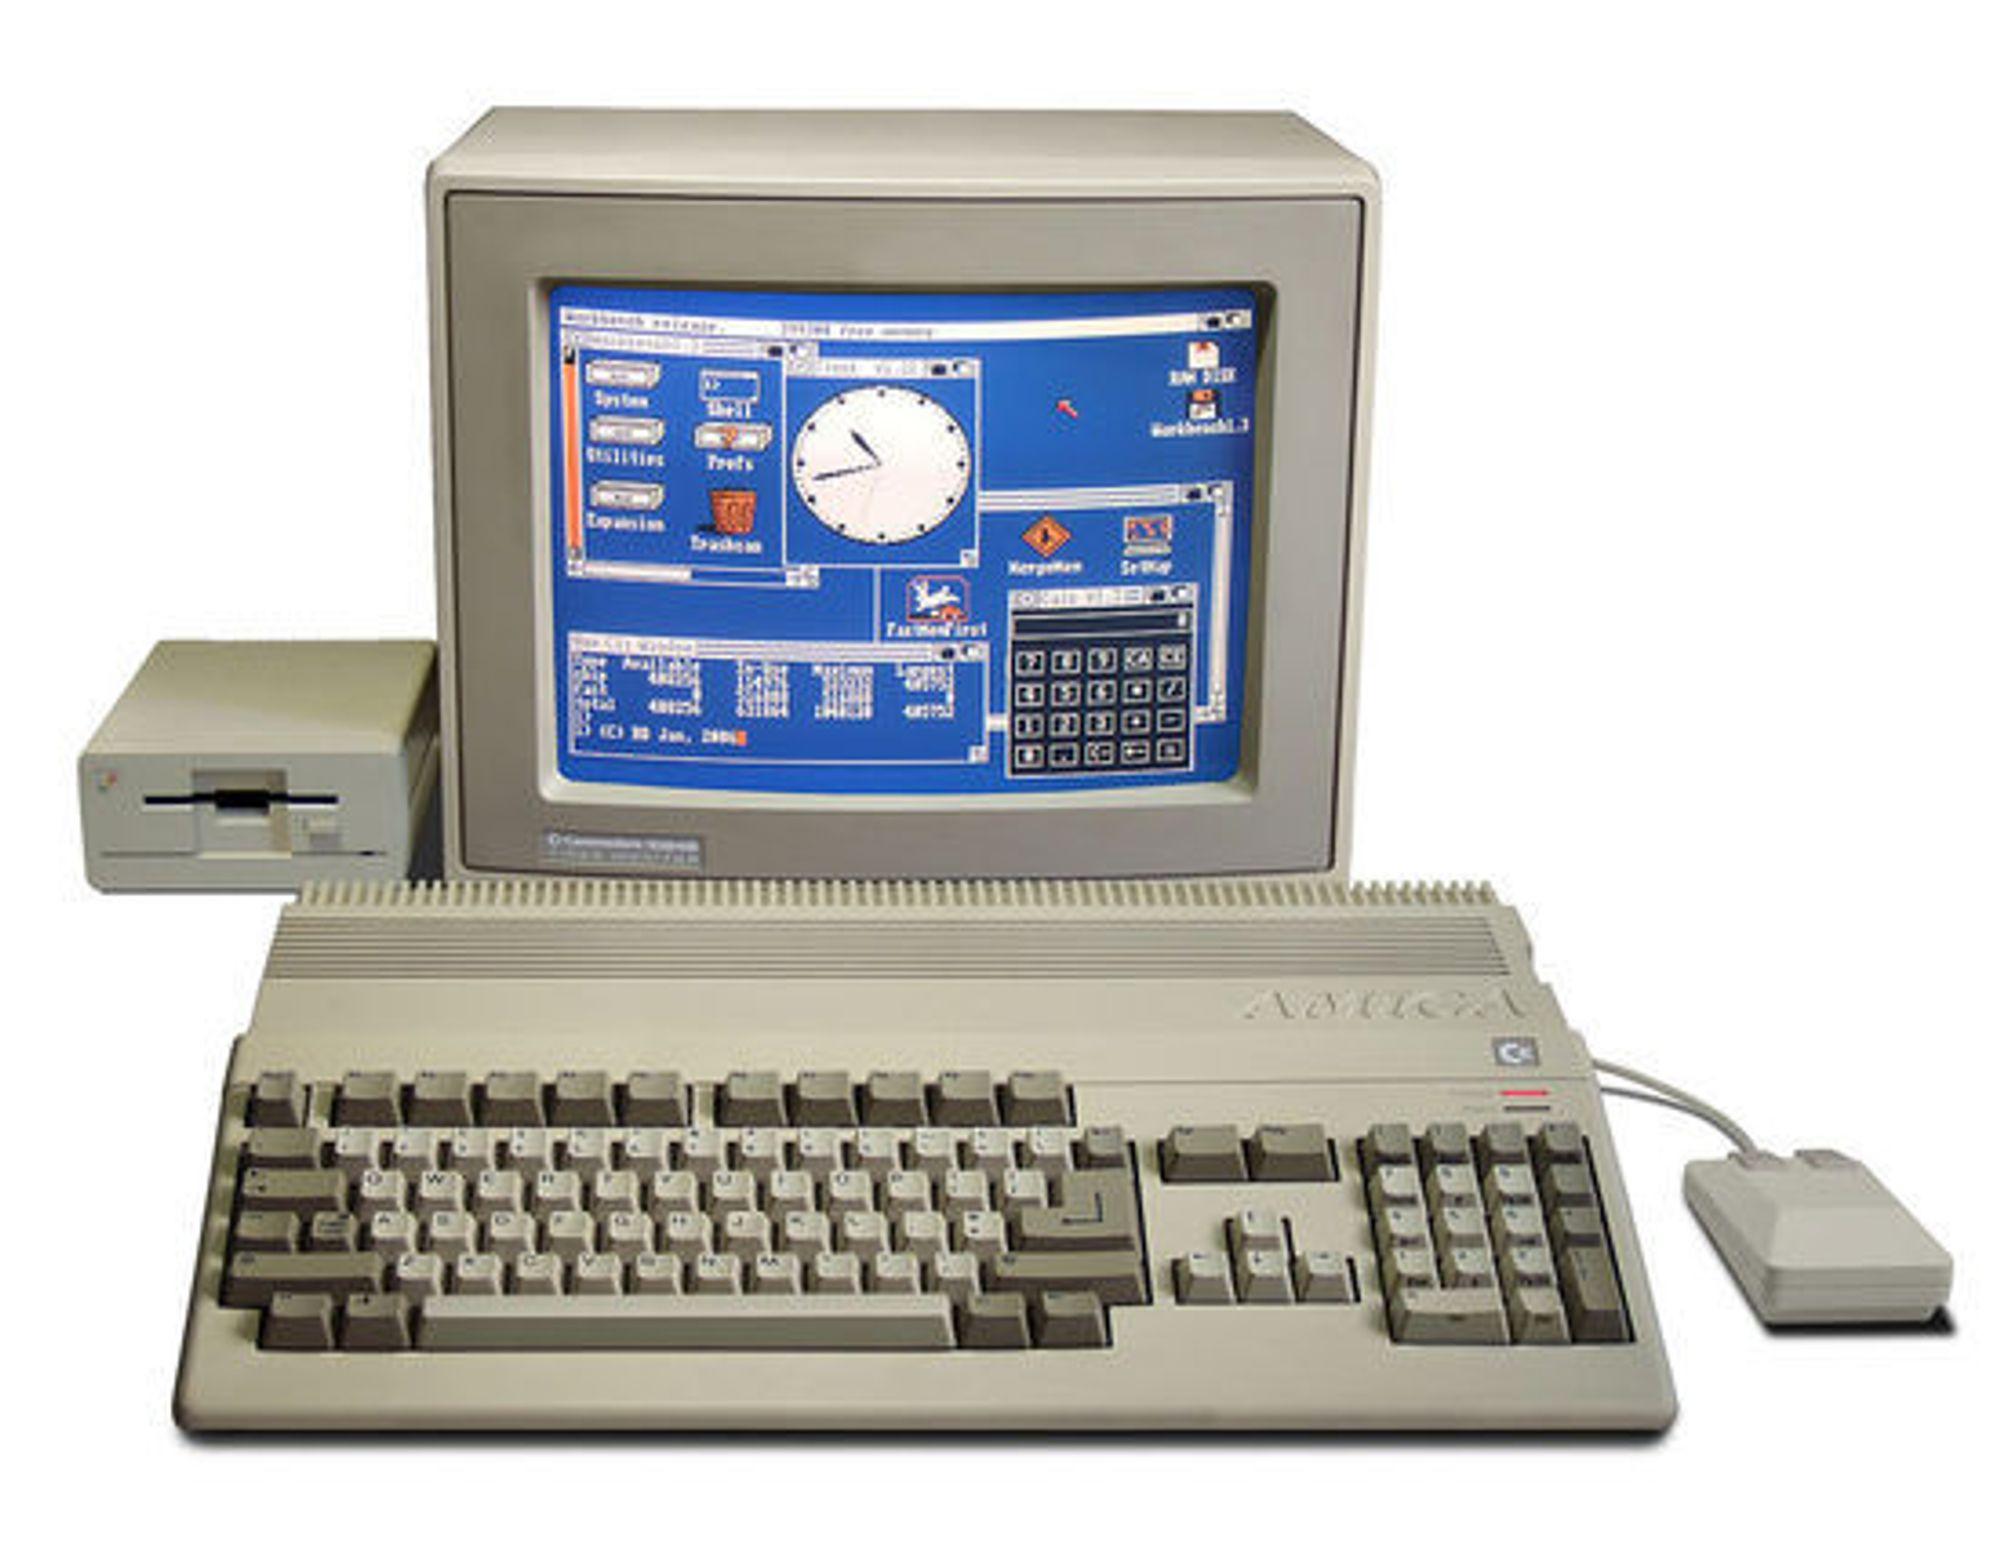 Commodore Amiga 500 med mus, skjerm og diskettstasjon.